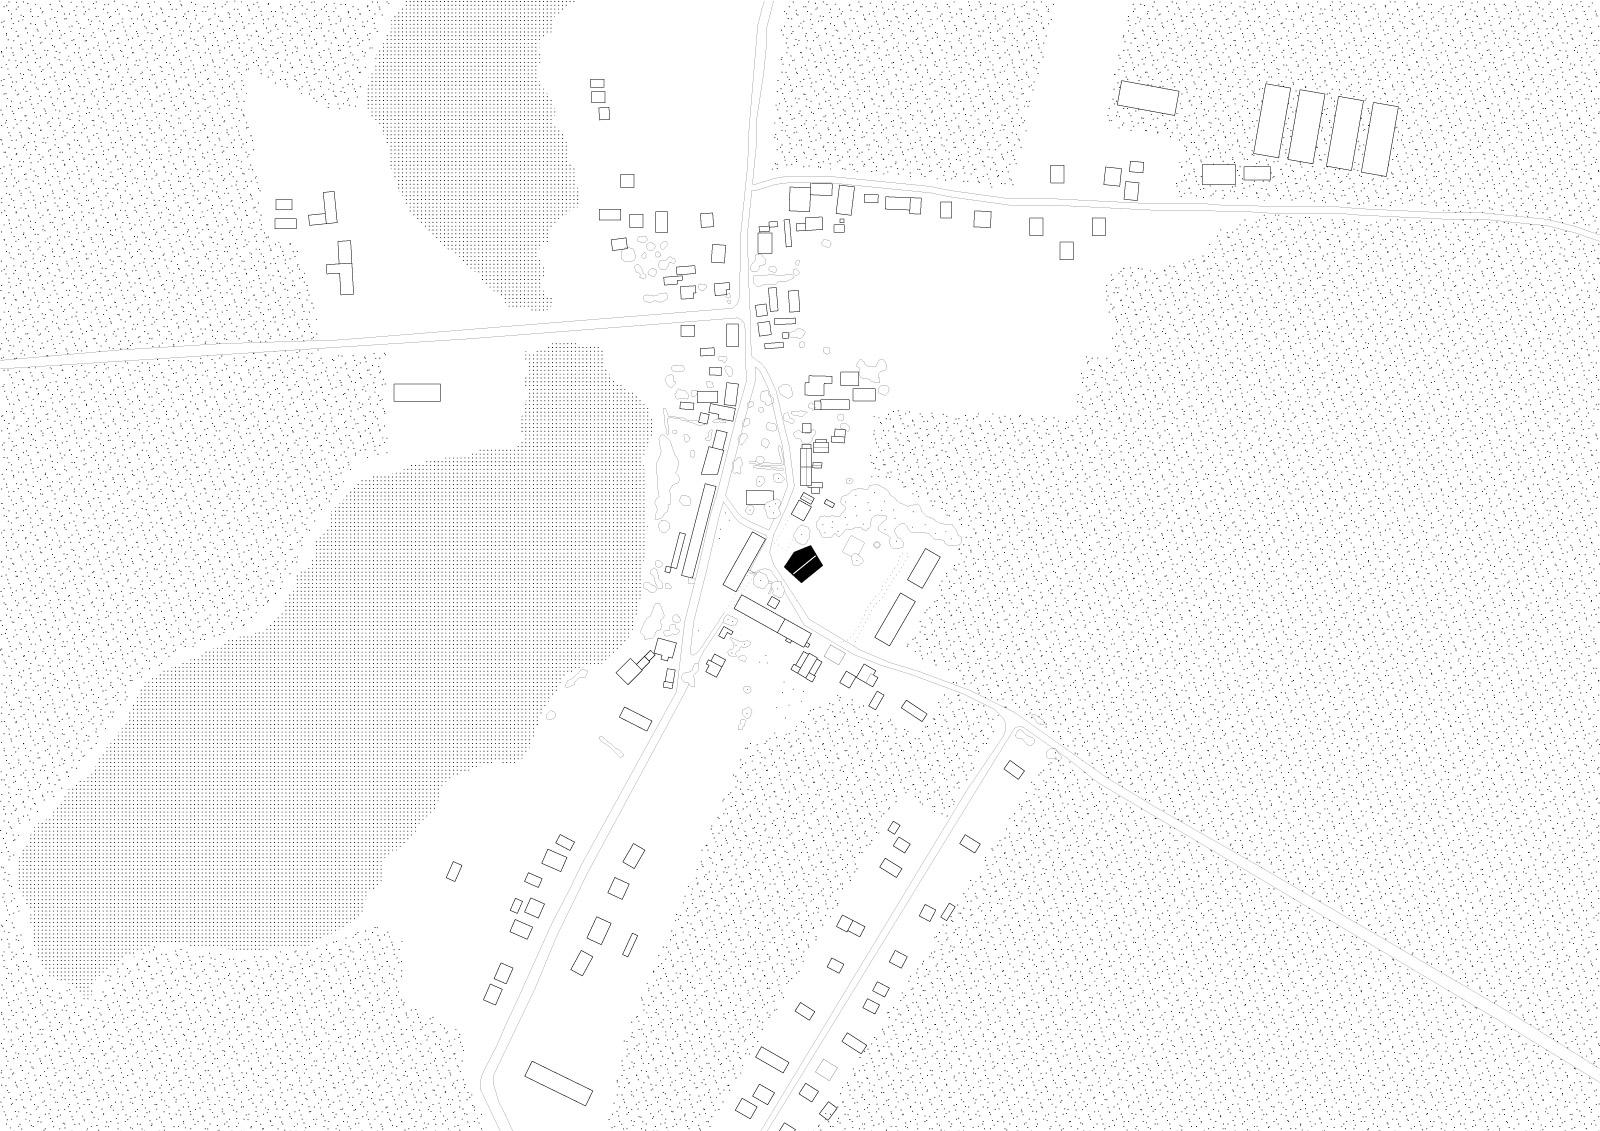 Atelier-Fanelsa-5-Siteplan